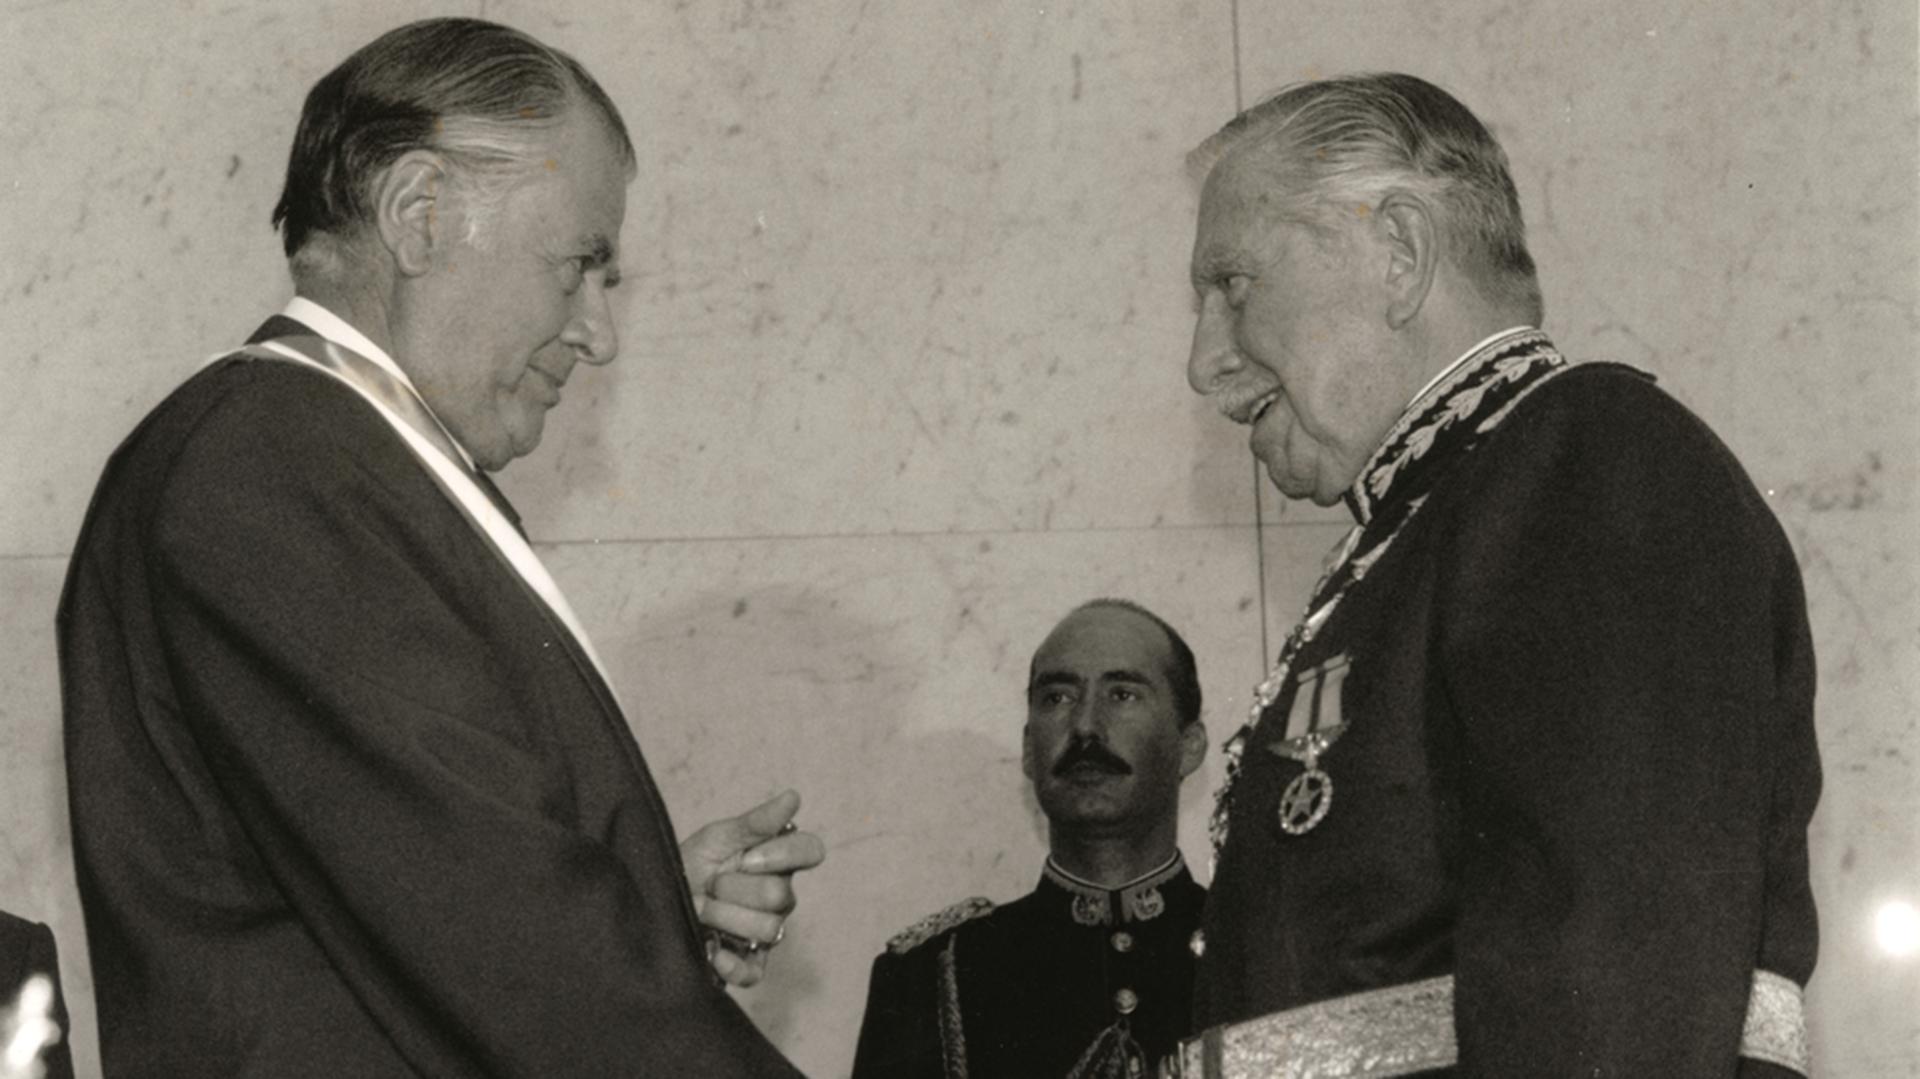 La Foto De La Transicion Entre Pinochet Y Aylwin En Chile Infobae